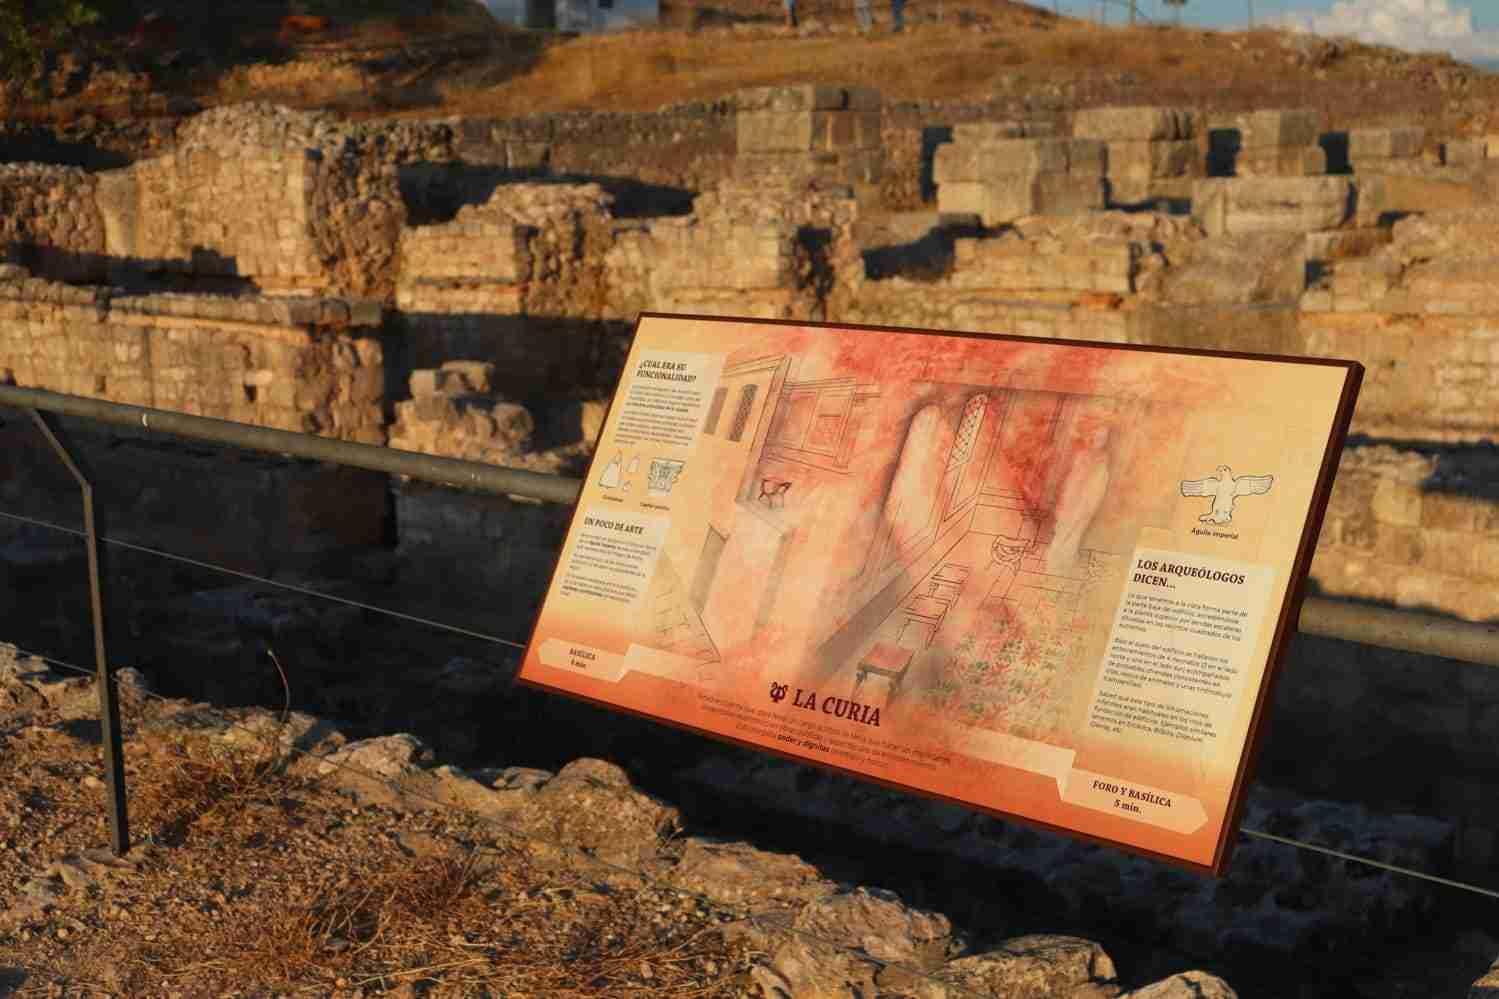 Los valerienses de hoy ponen cara a sus antepasados de hace dos mil años 23